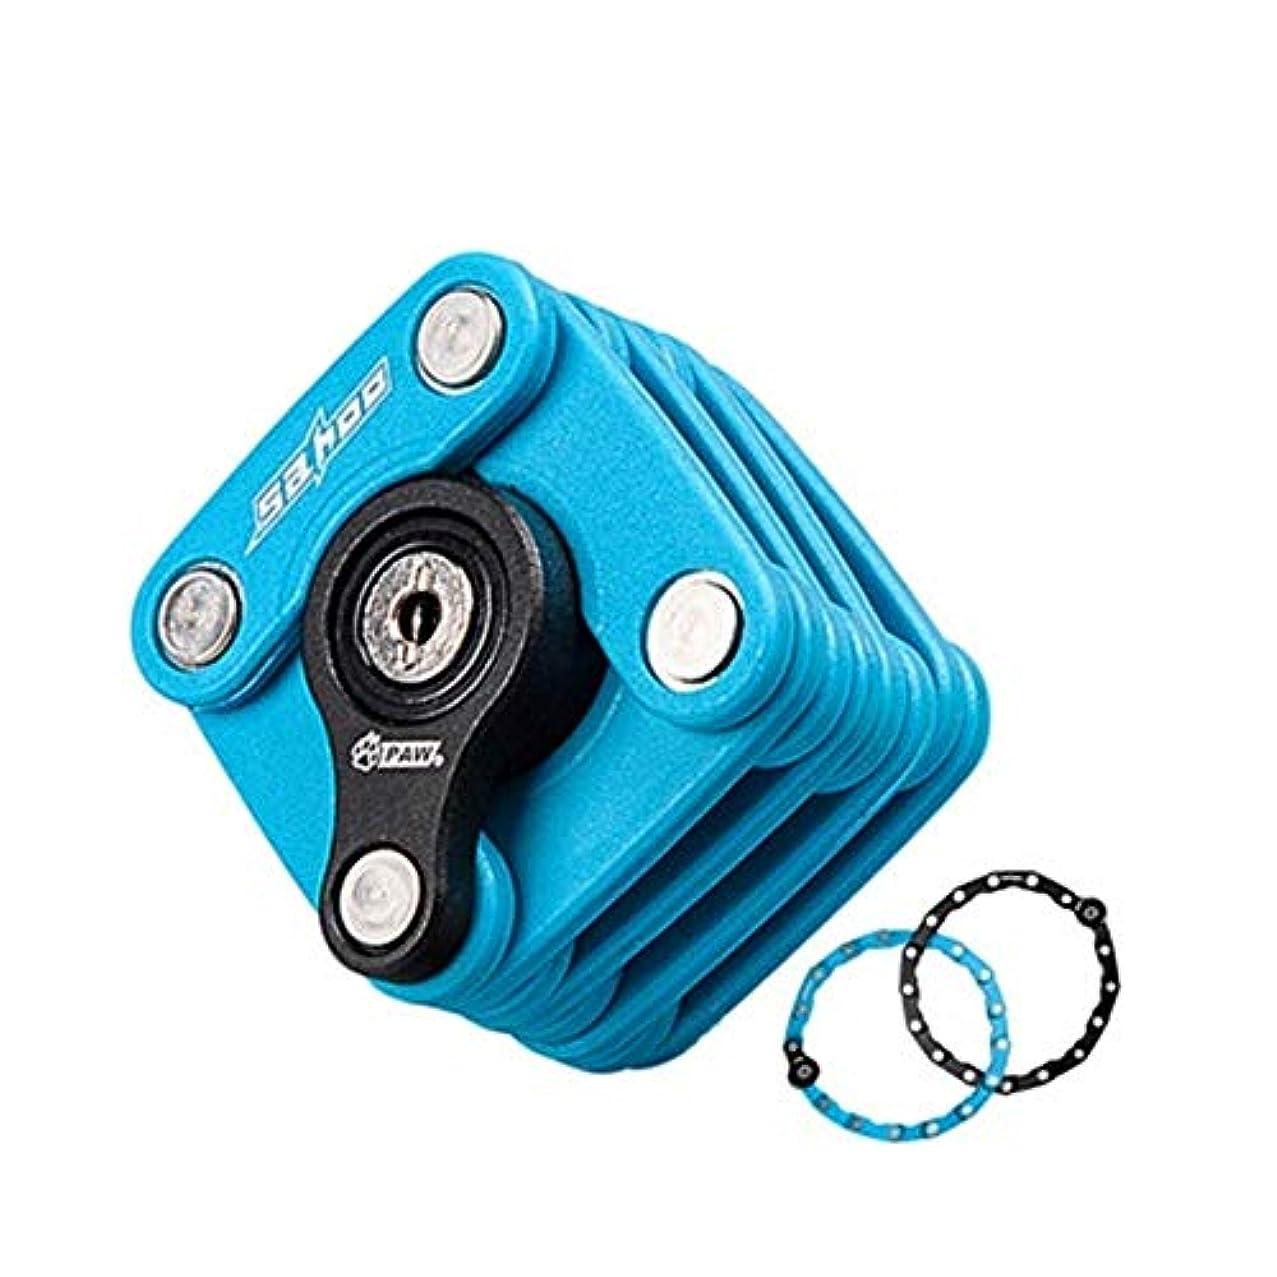 世界父方の懲戒高い安全性を兼ね備えたスチールメタルと革新的なデザインのコンビネーションフォールディングバイクロック (Color : Blue)